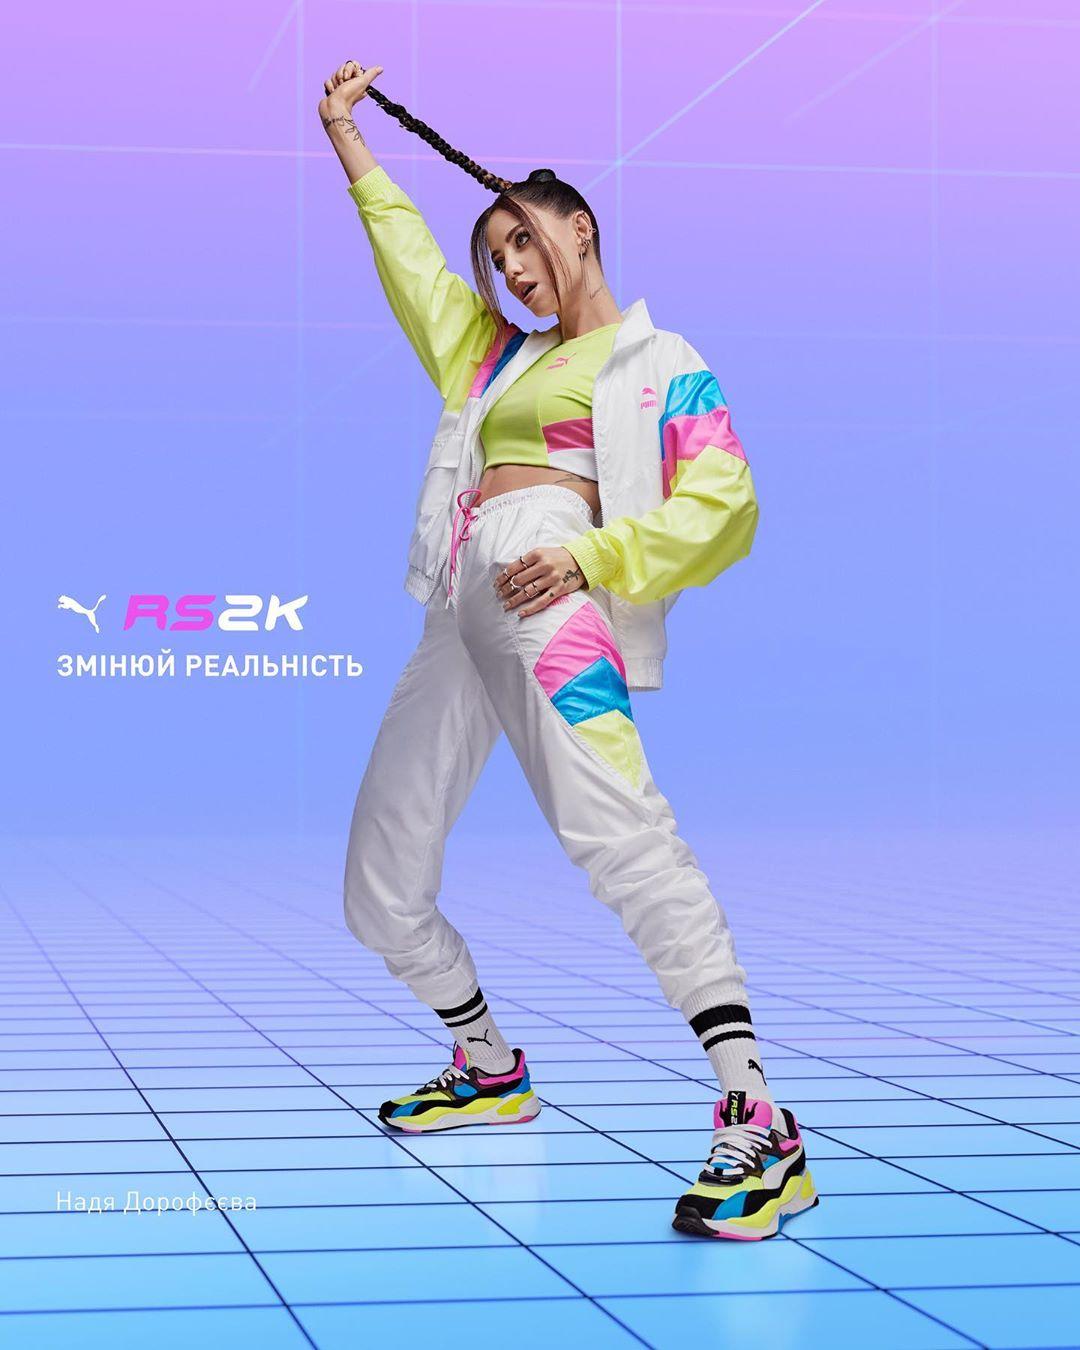 Надя Дорофєєва в рекламі Пума